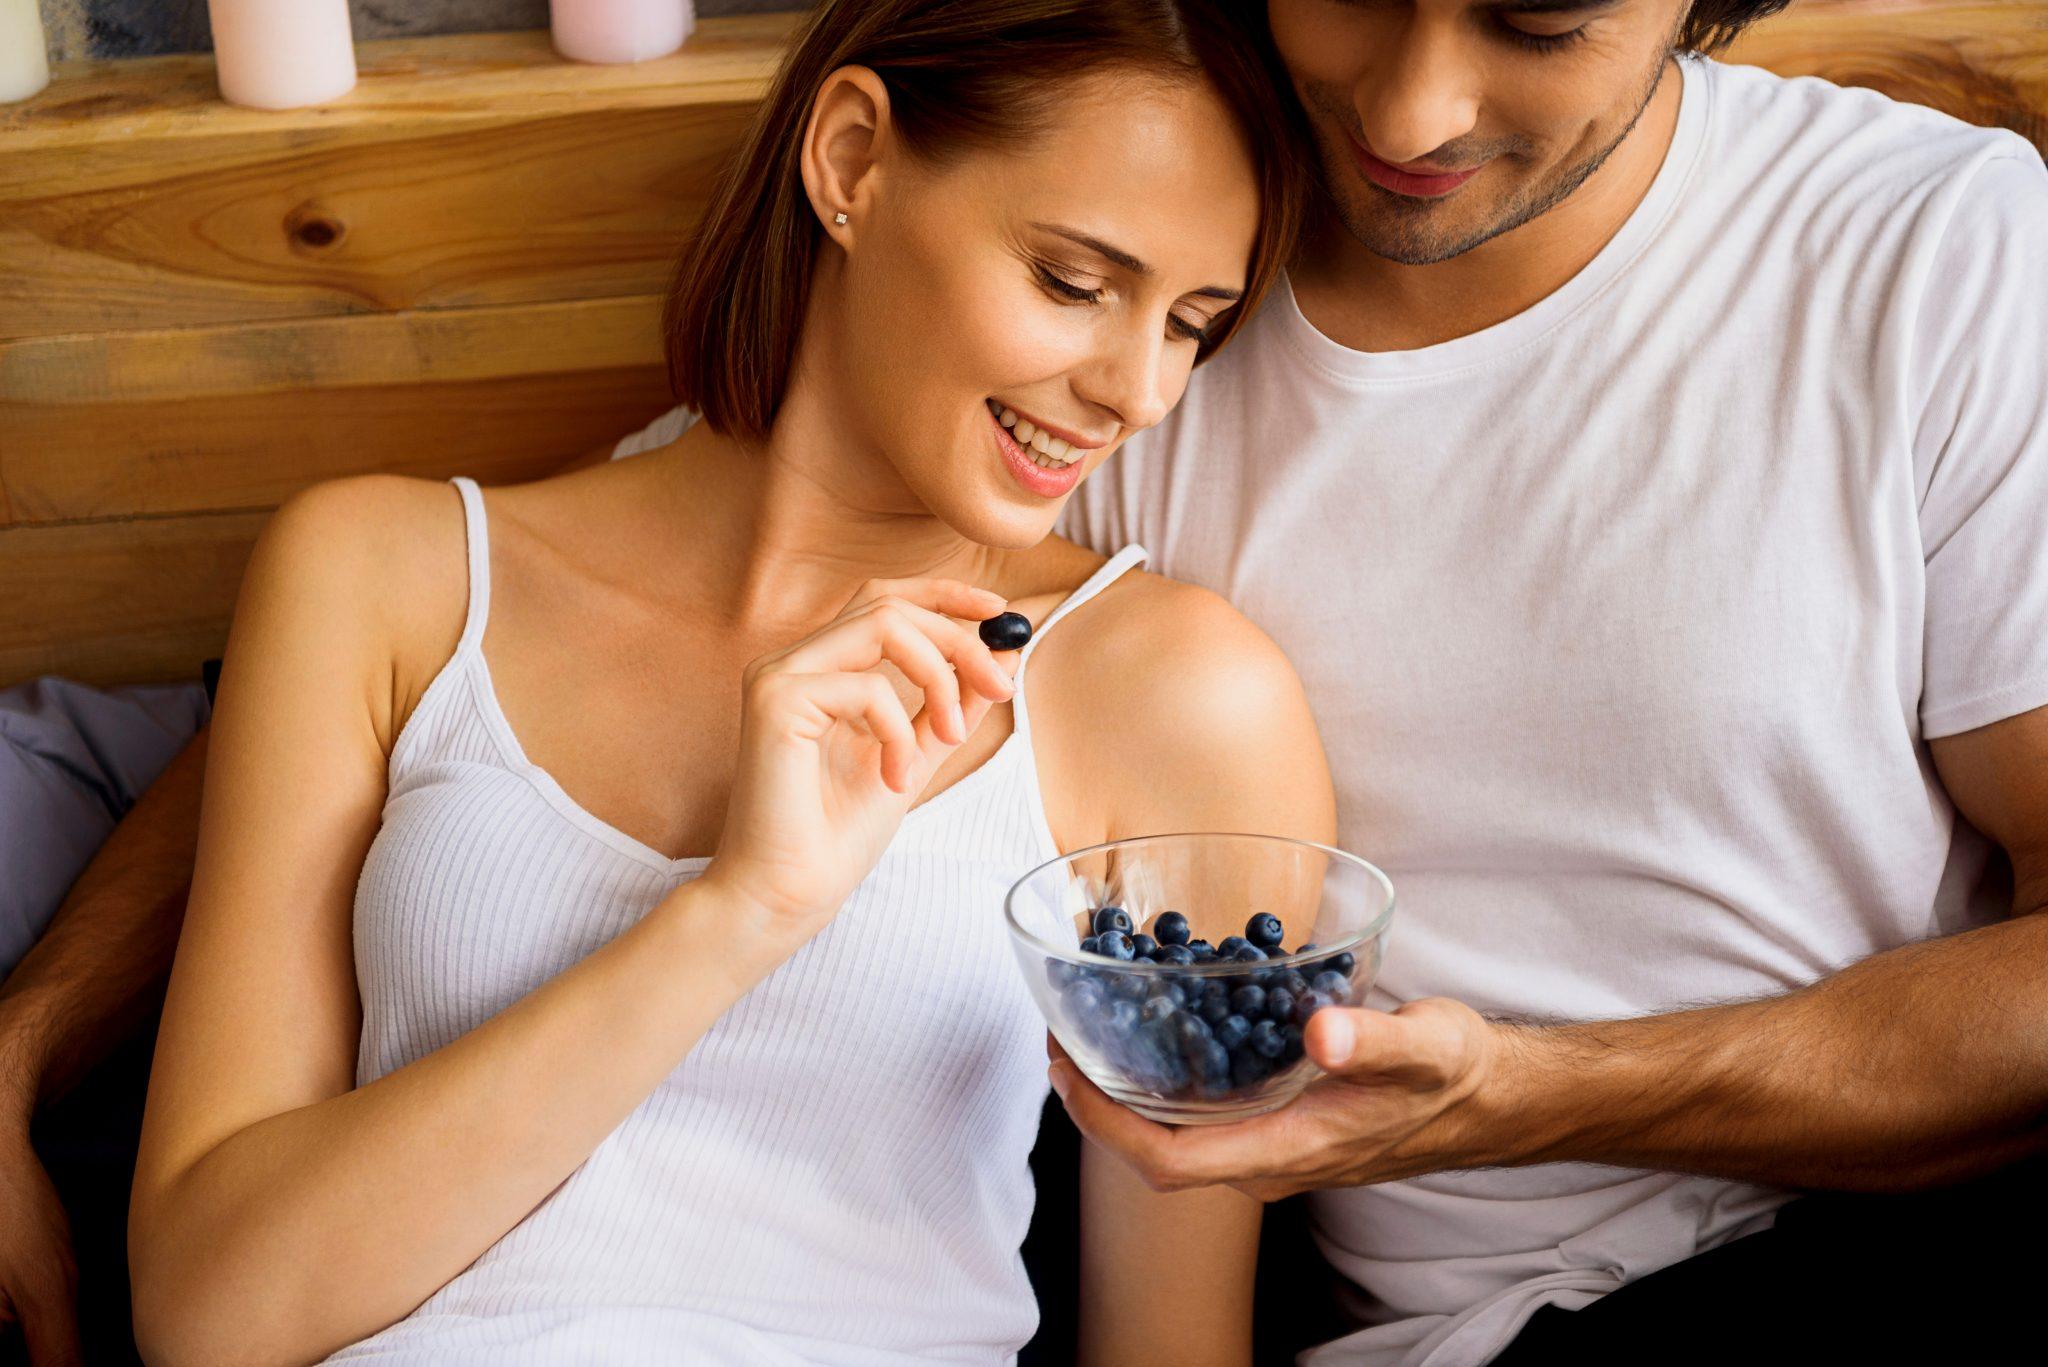 ブルーベリーを食べている夫婦